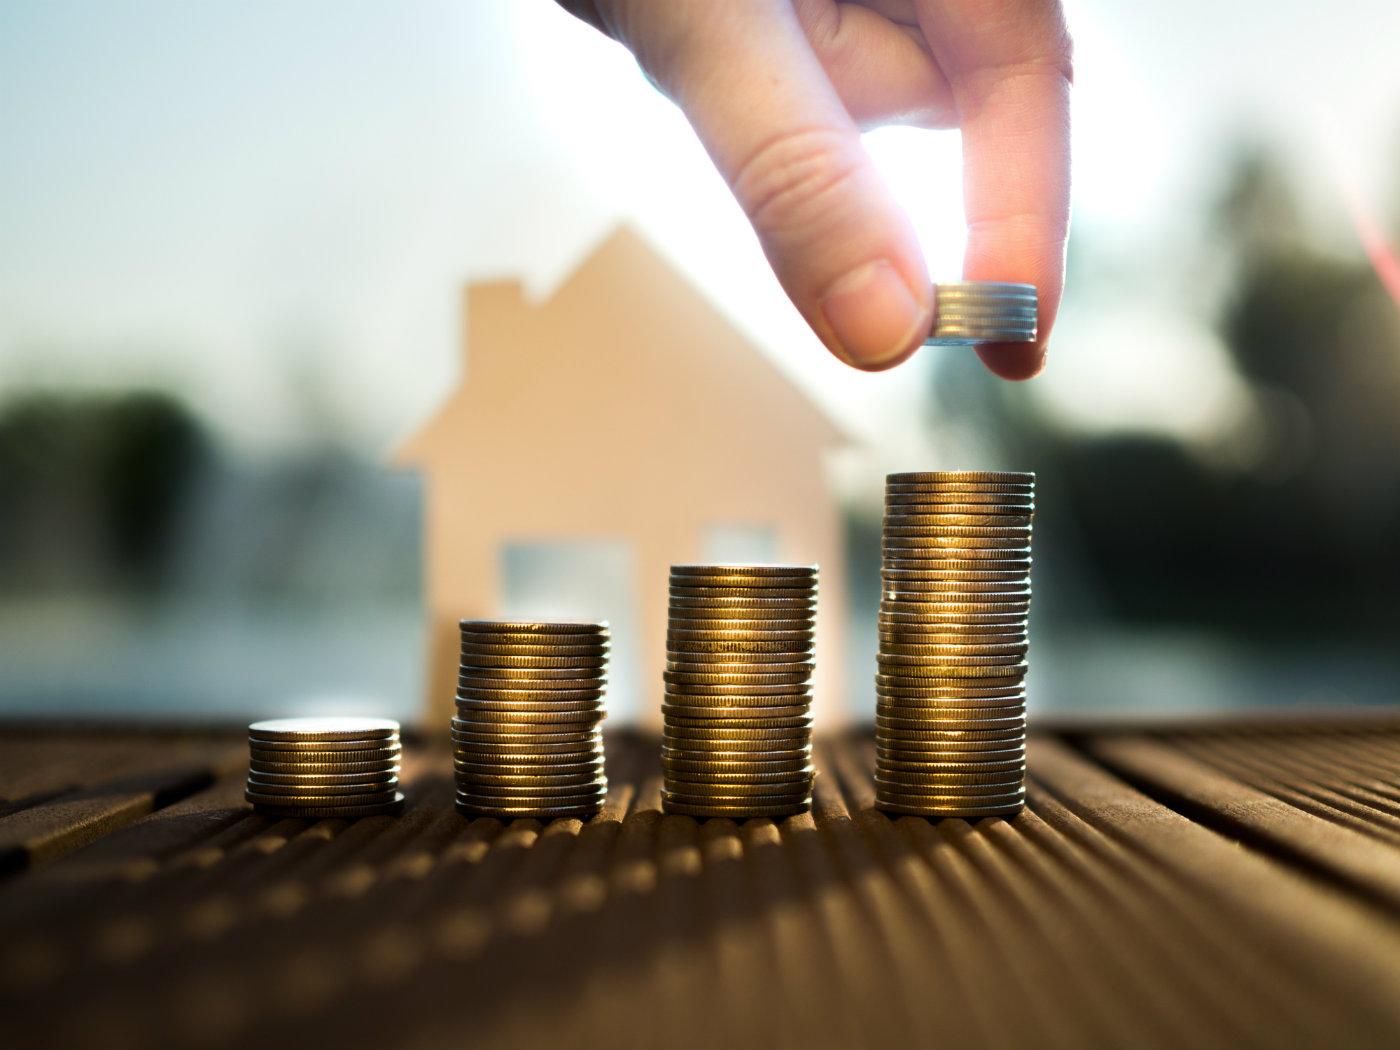 50/30/20, la regla que te obliga a ahorrar para comprar tu casa